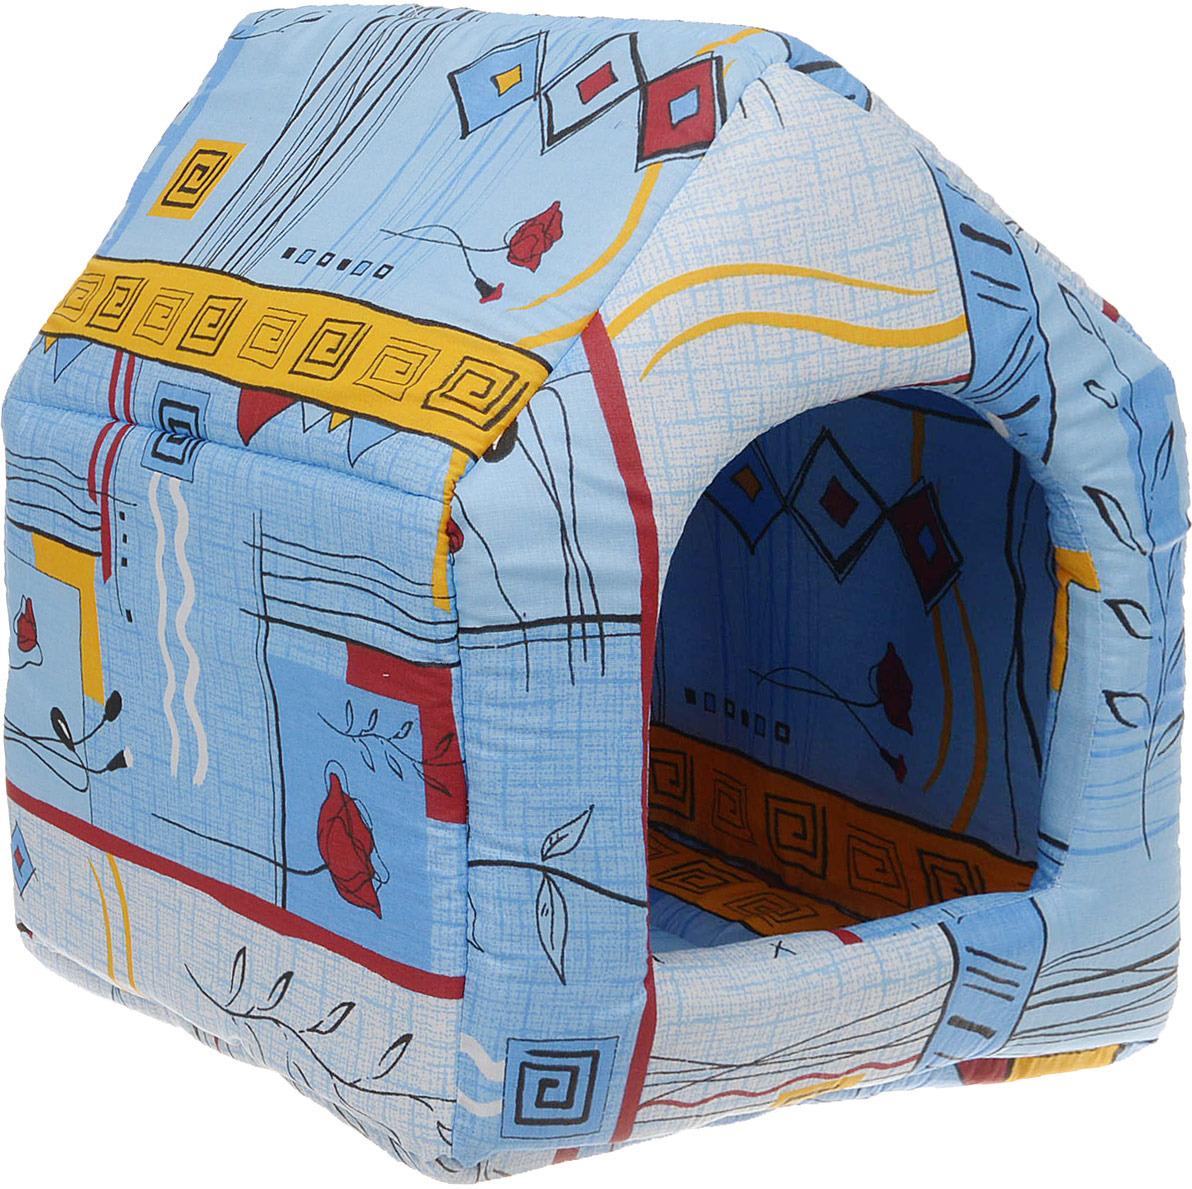 Лежак для животных ЗооМарк Домик-будка №2 Стамбул, ЛД-2СС, синий, 43 х 43 х 49 см домик для кошек и собак titbit с игрушкой цвет рыжий 43 см х 43 см х 40 см